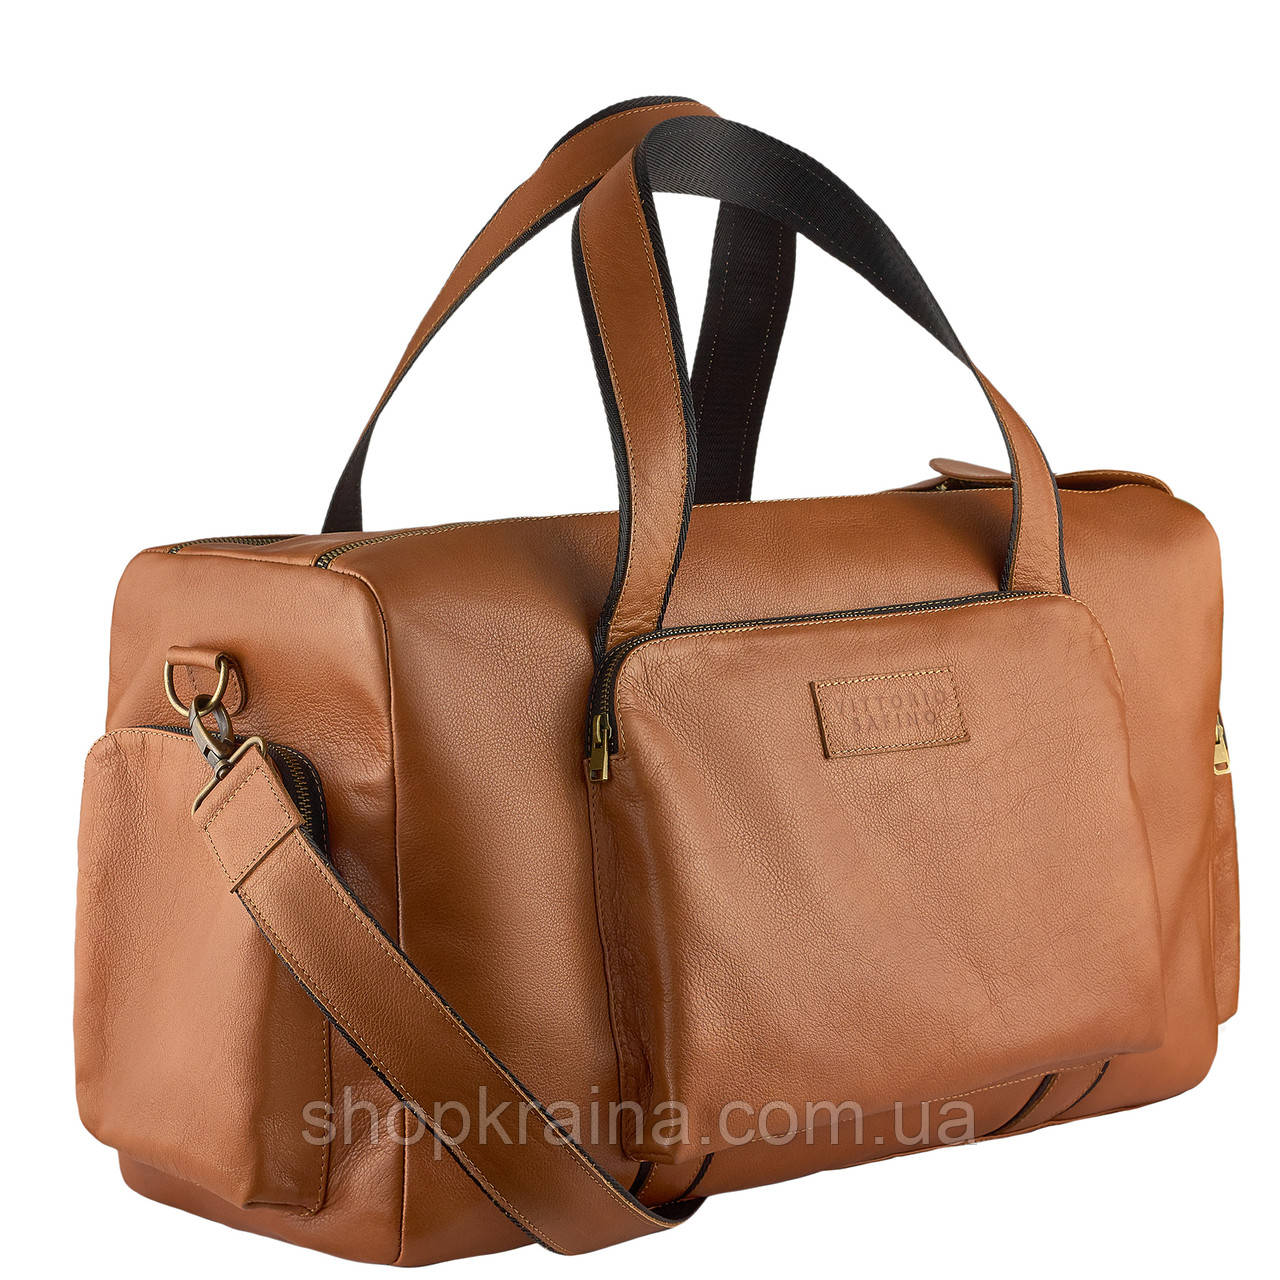 Дорожная сумка  из натуральной кожи VStb dark red